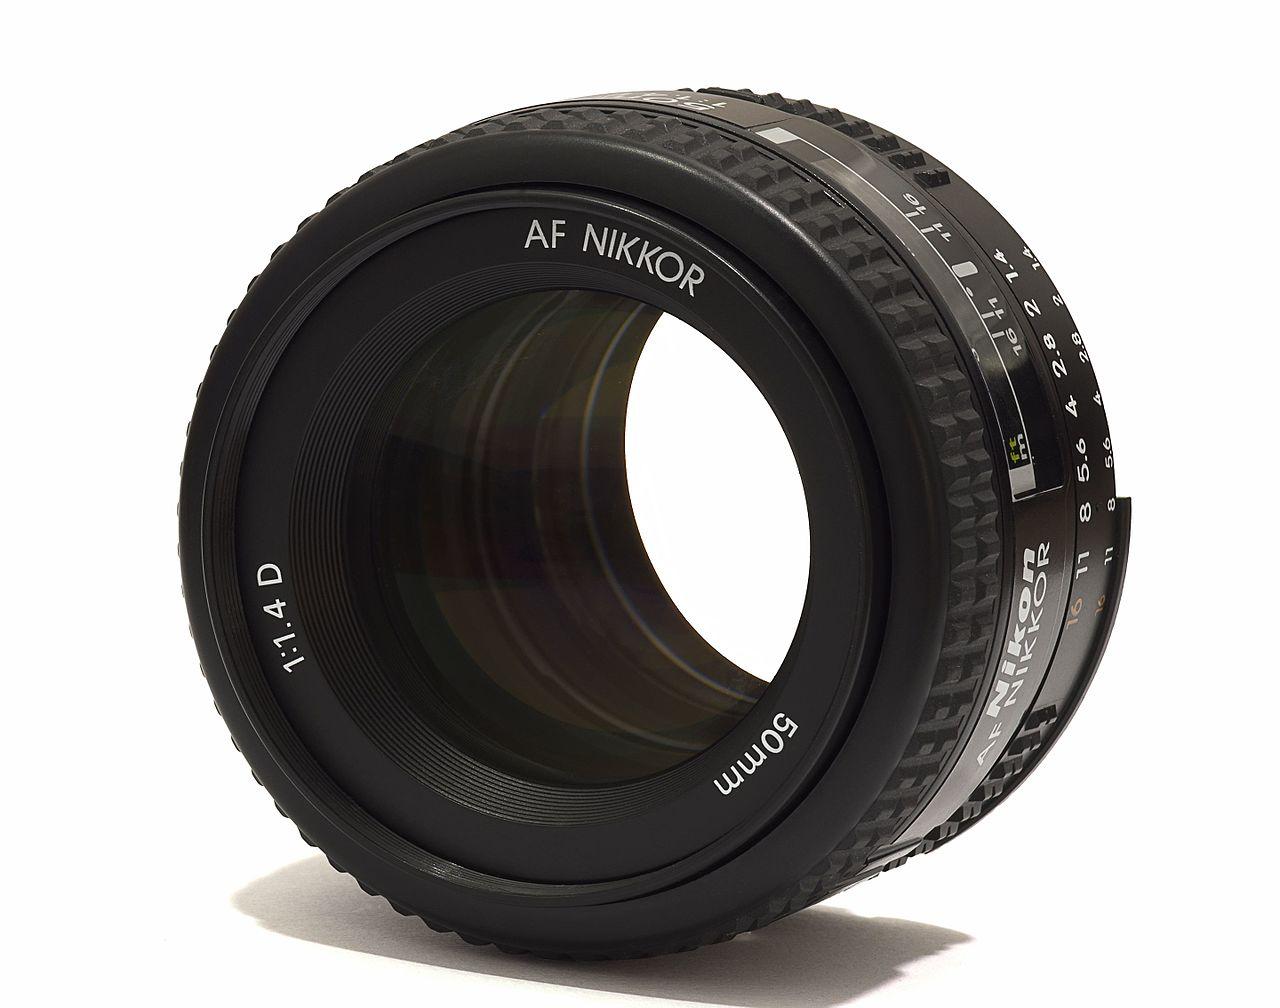 Ein 1.4/50mm Normalobjektiv mit weit geöffneter Blende